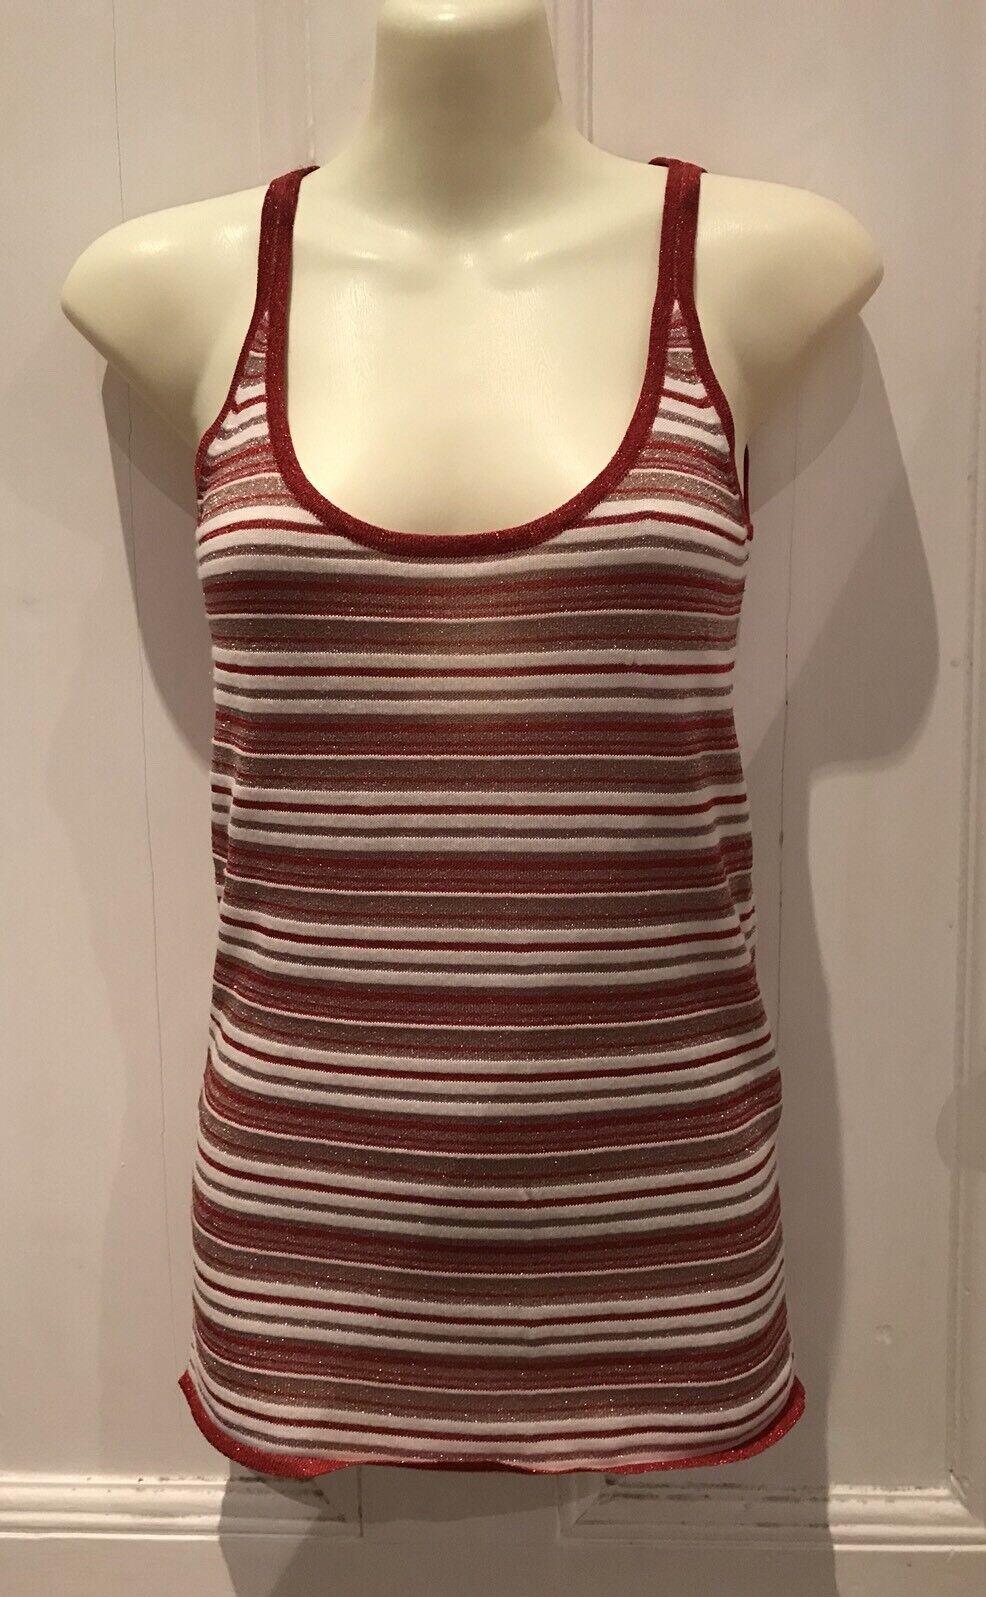 D&G Top Knitted rot Weiß Stripes Größe EU40 Hot Summer Vibes